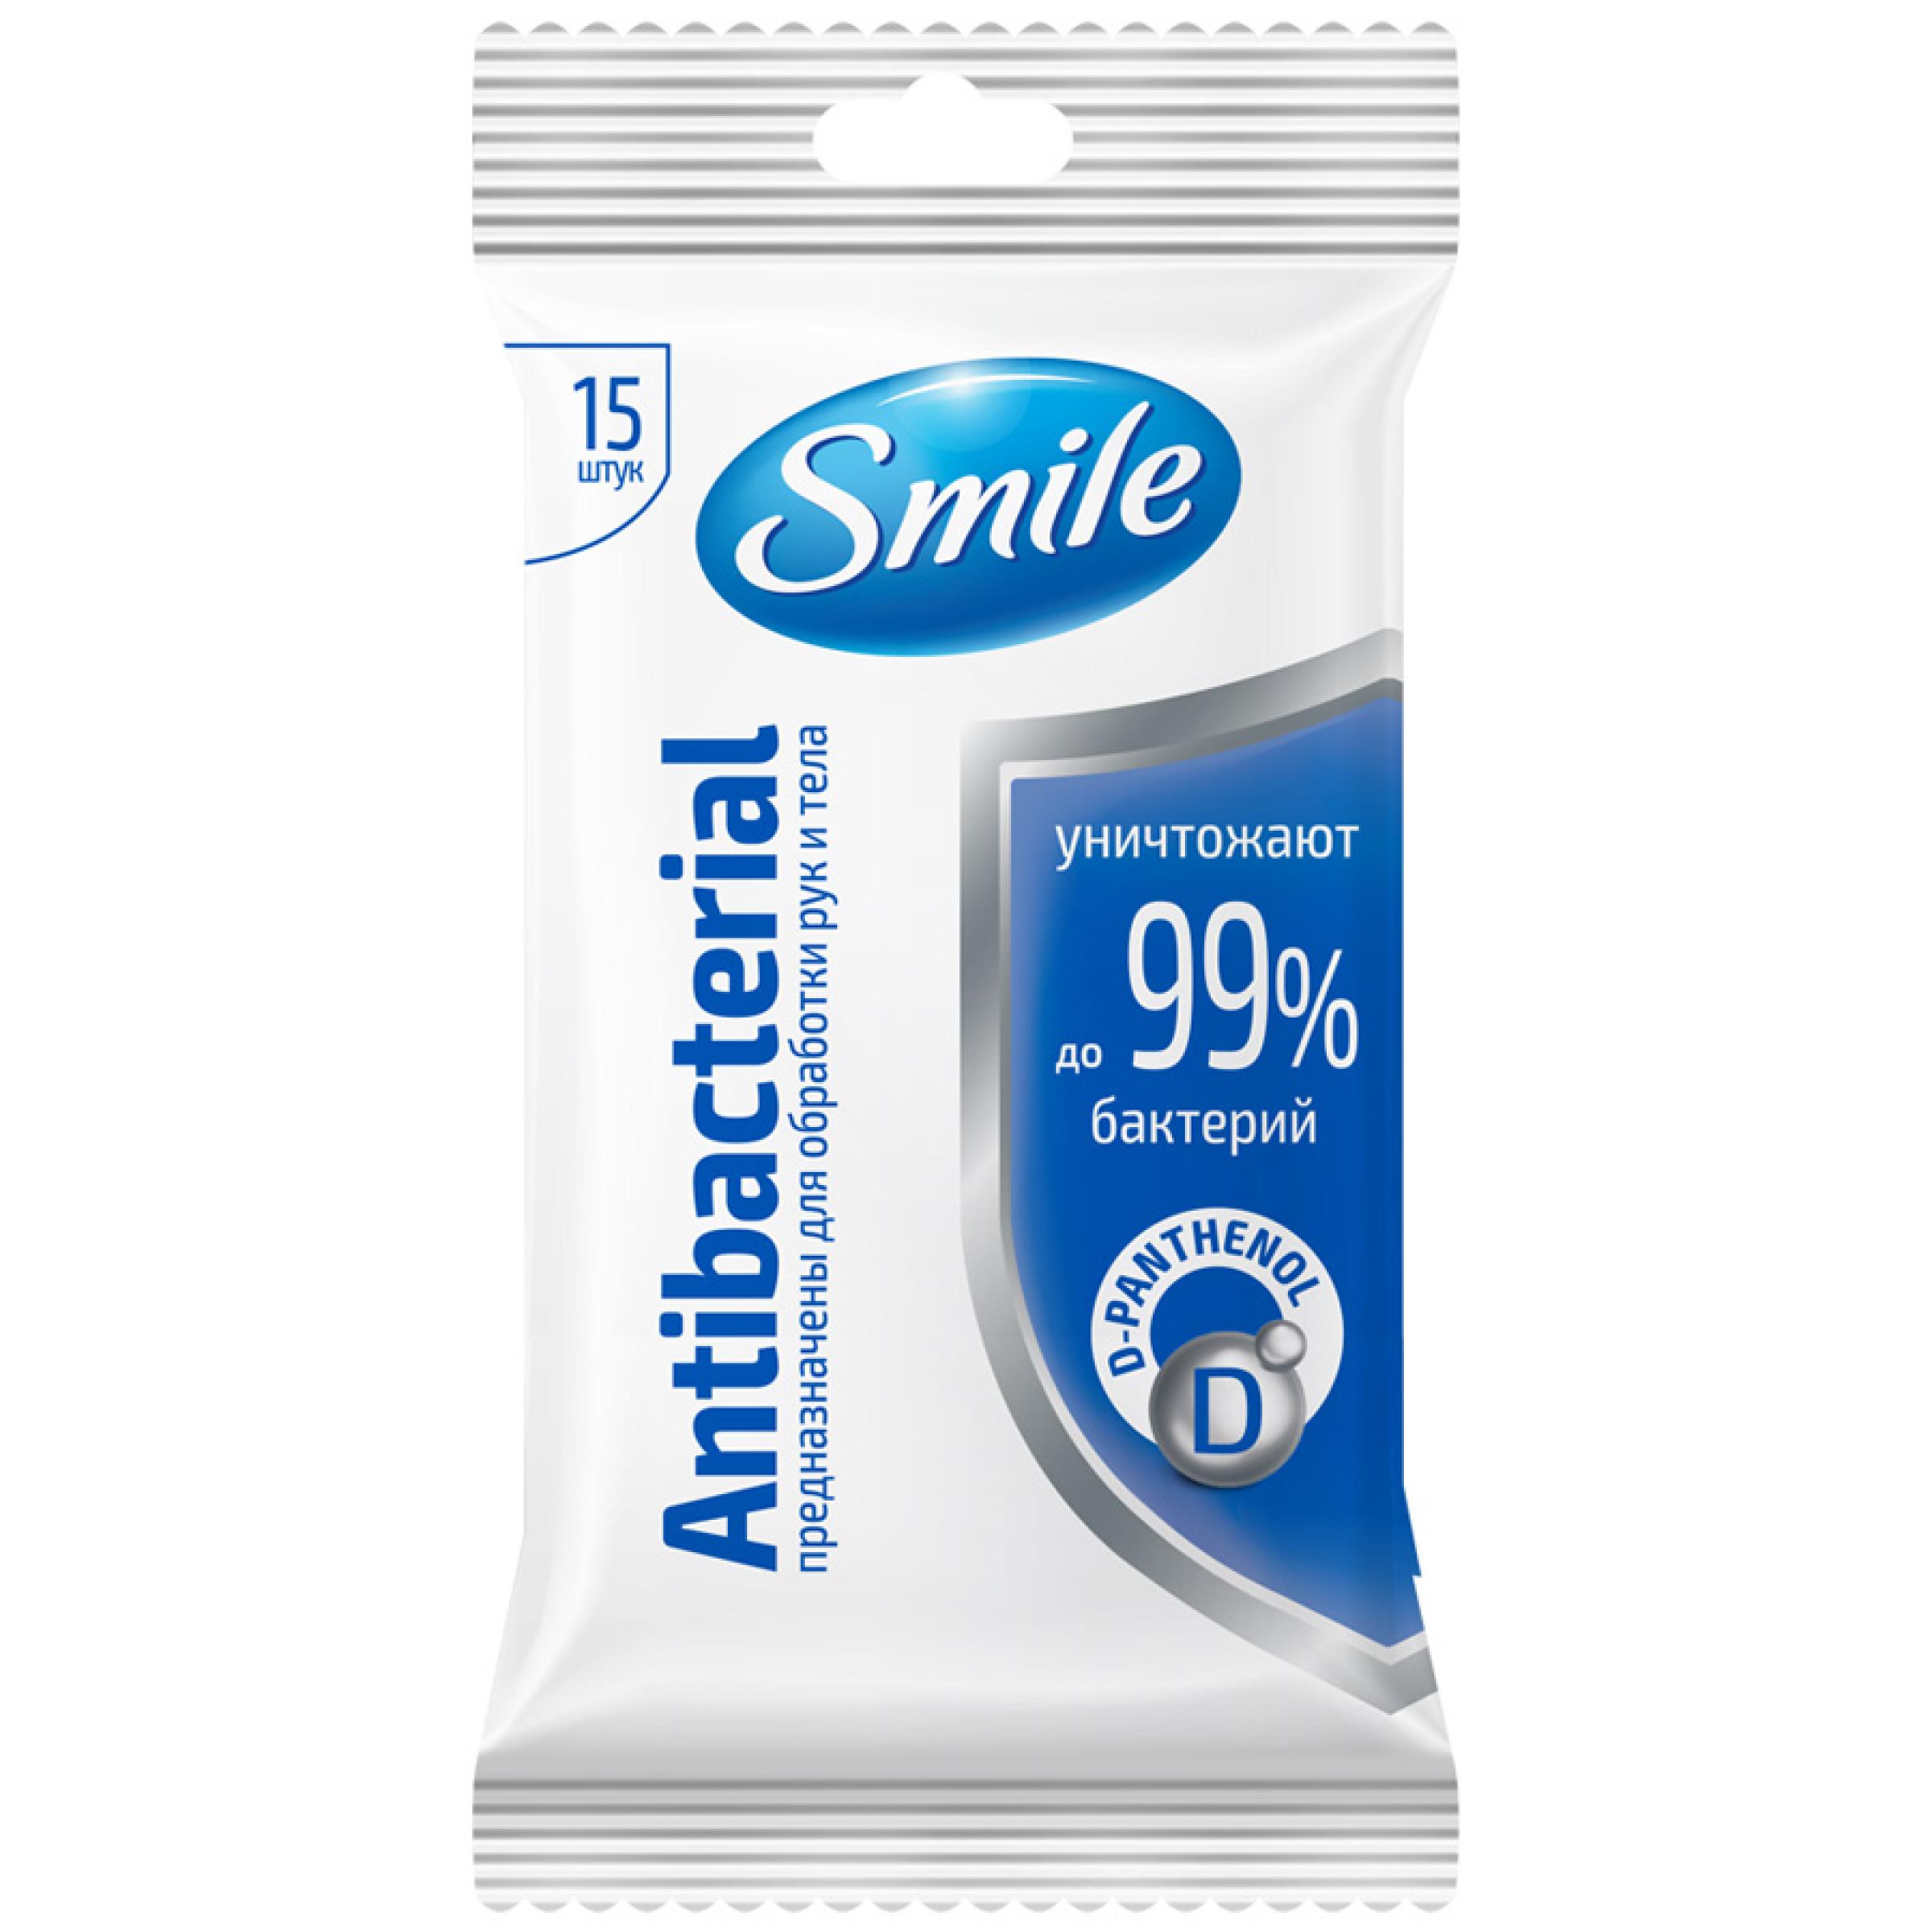 Салфетки влажные SMILE Антибактериальные с Д-пантенолом, 15 шт